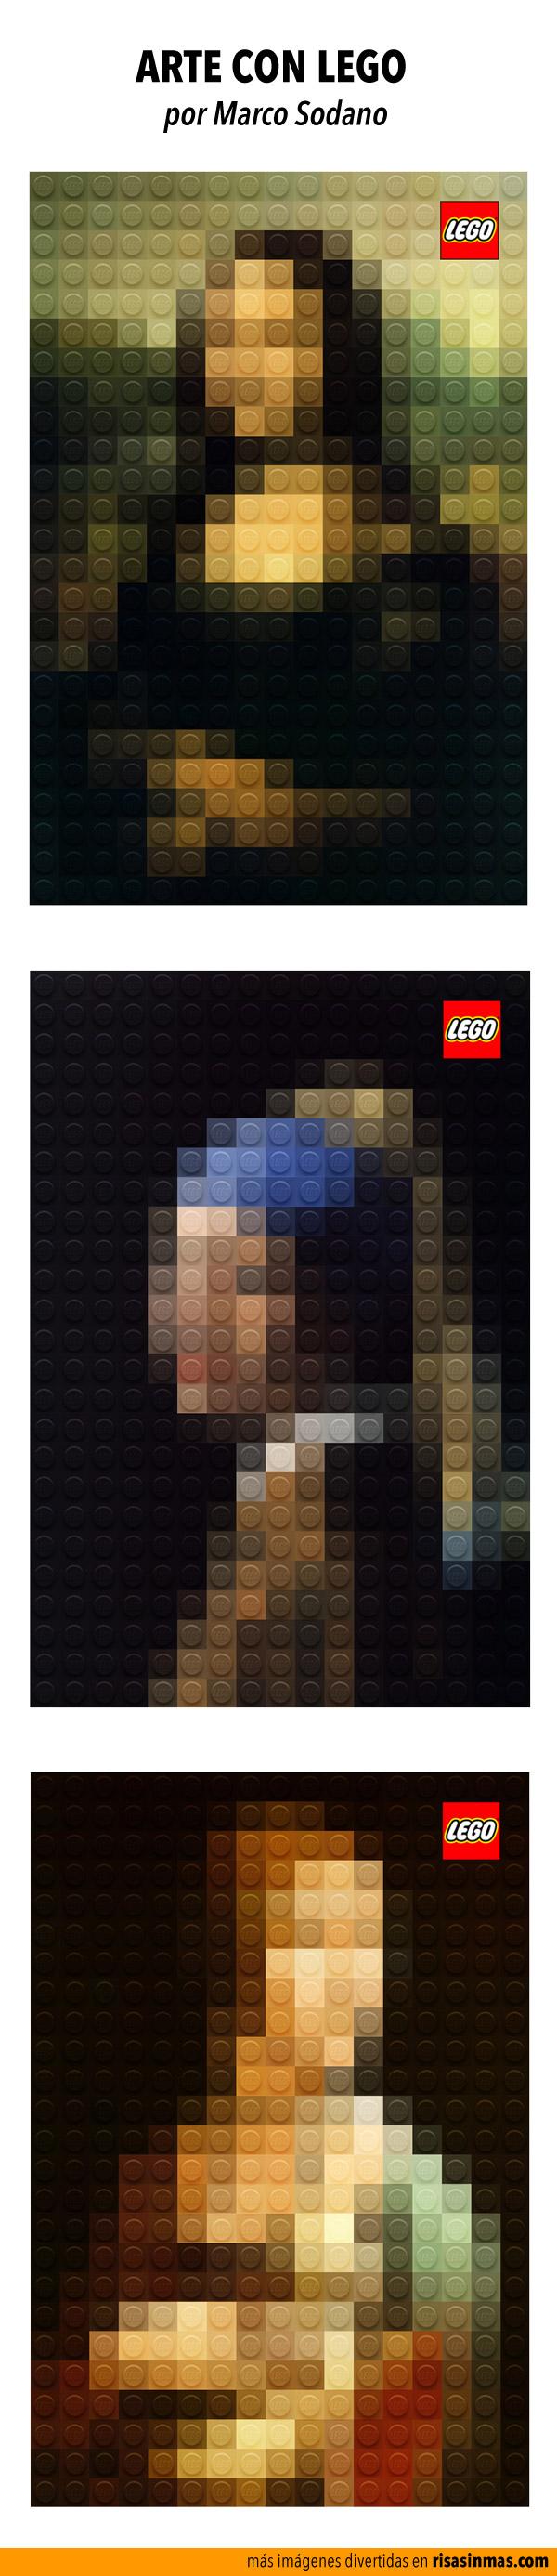 Arte con LEGO